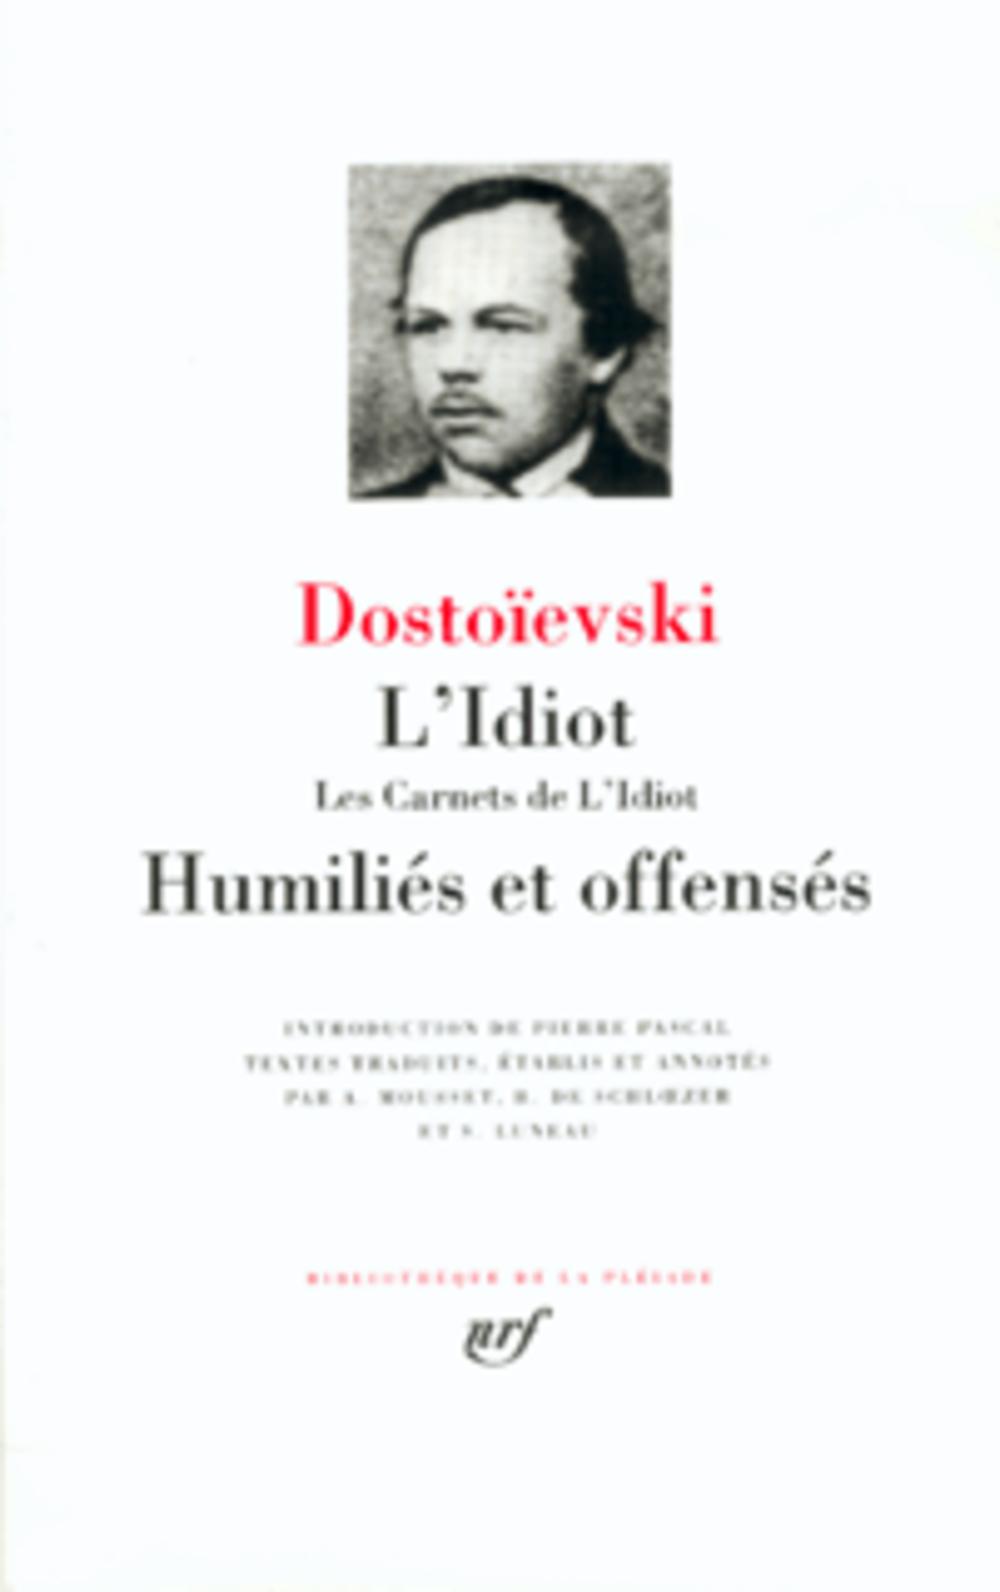 L'Idiot ; Les Carnets De L'Idiot ; Humilies Et Offenses